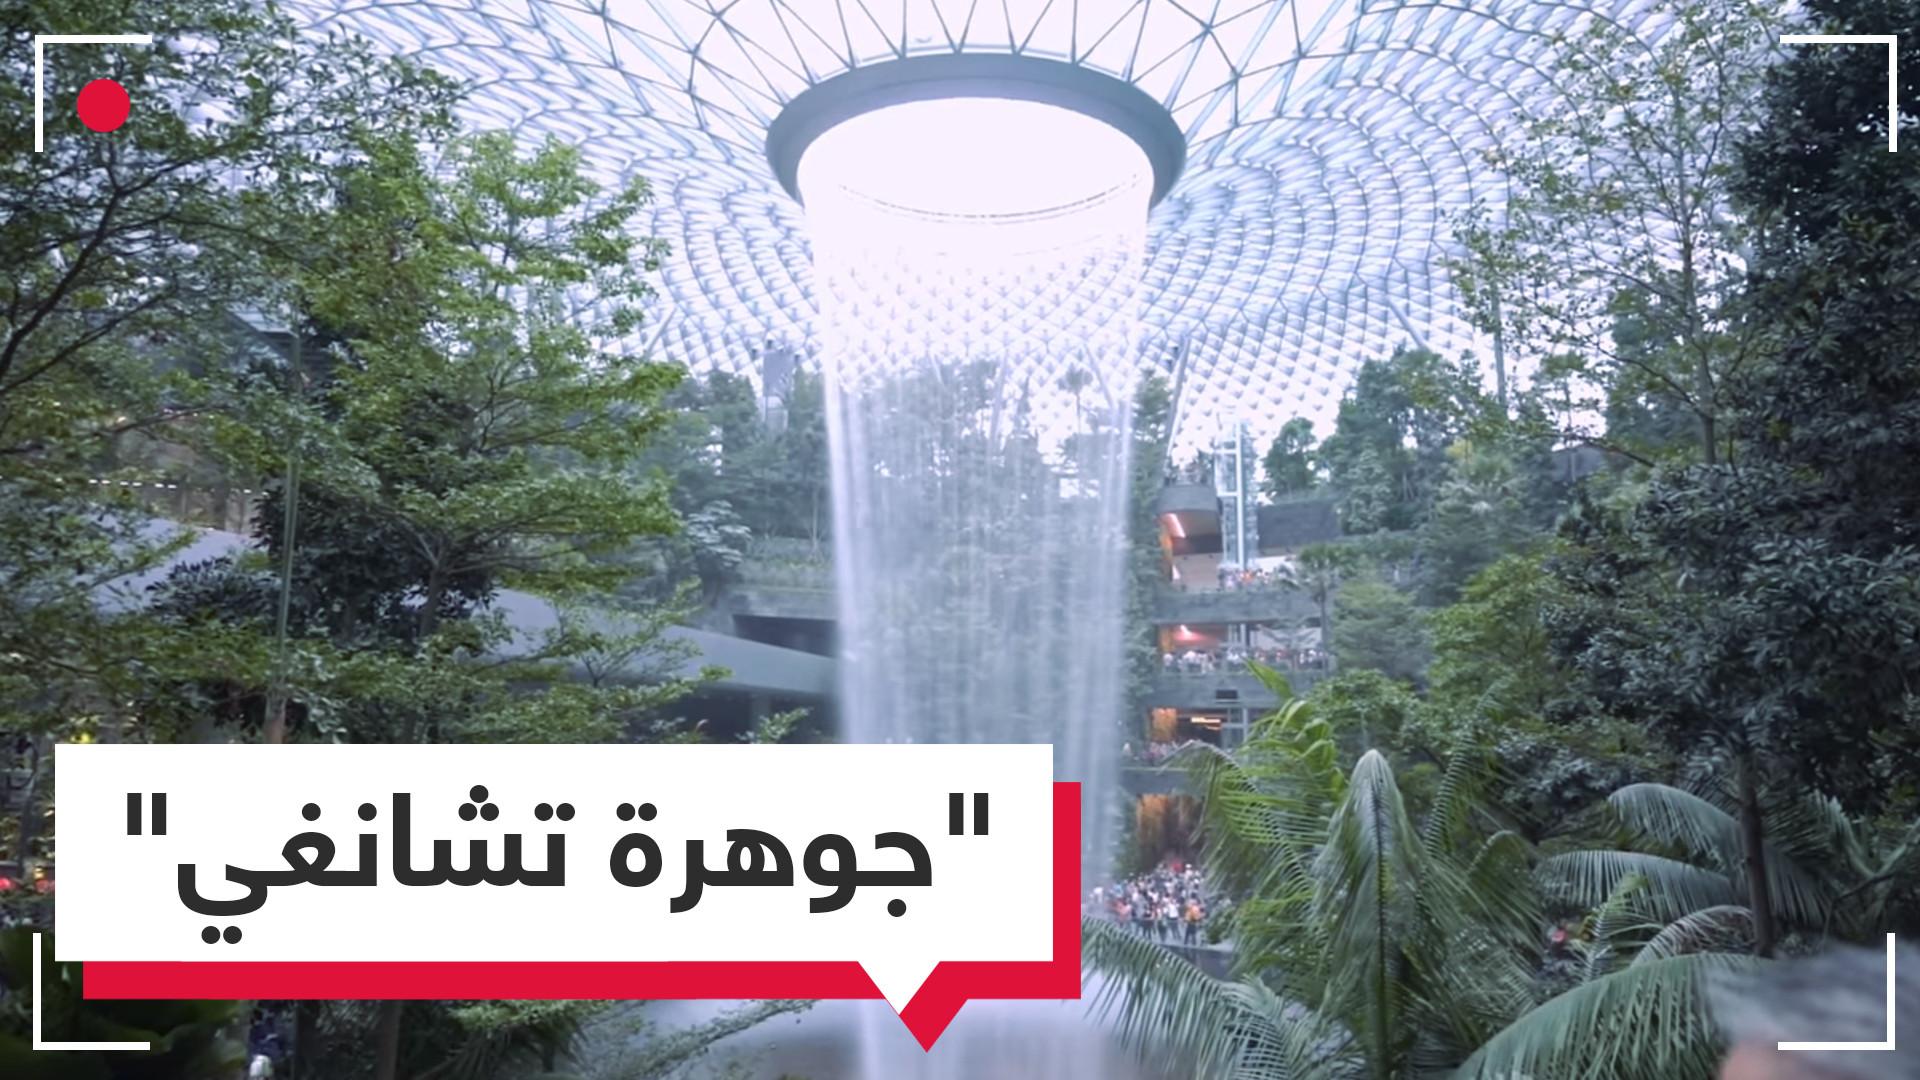 """غابة ساحرة داخله.. شاهد مطار """"جوهرة تشانغي"""" في سنغافورة"""